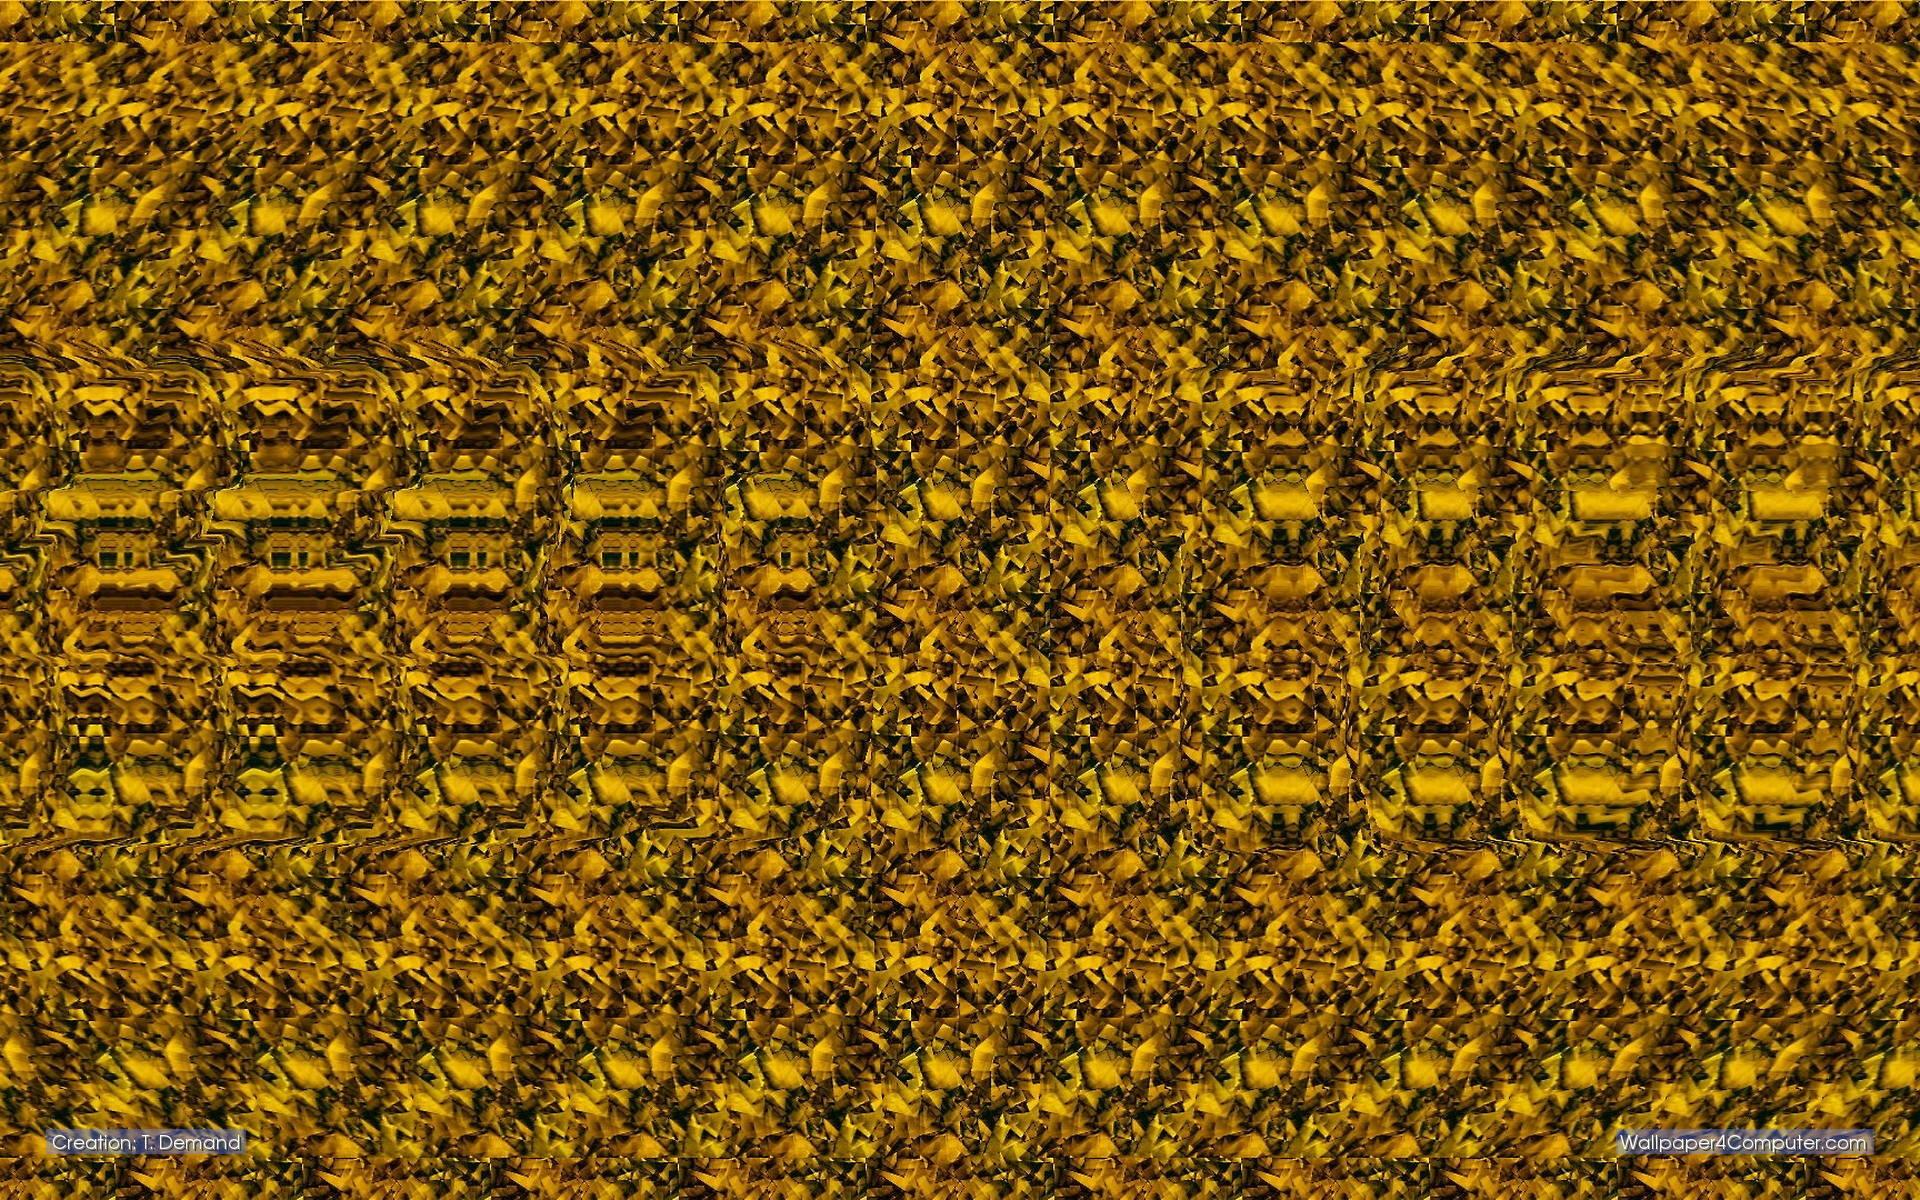 Download Gambar Wallpaper 3d Stereogram Wallpaper 183 ① Wallpapertag